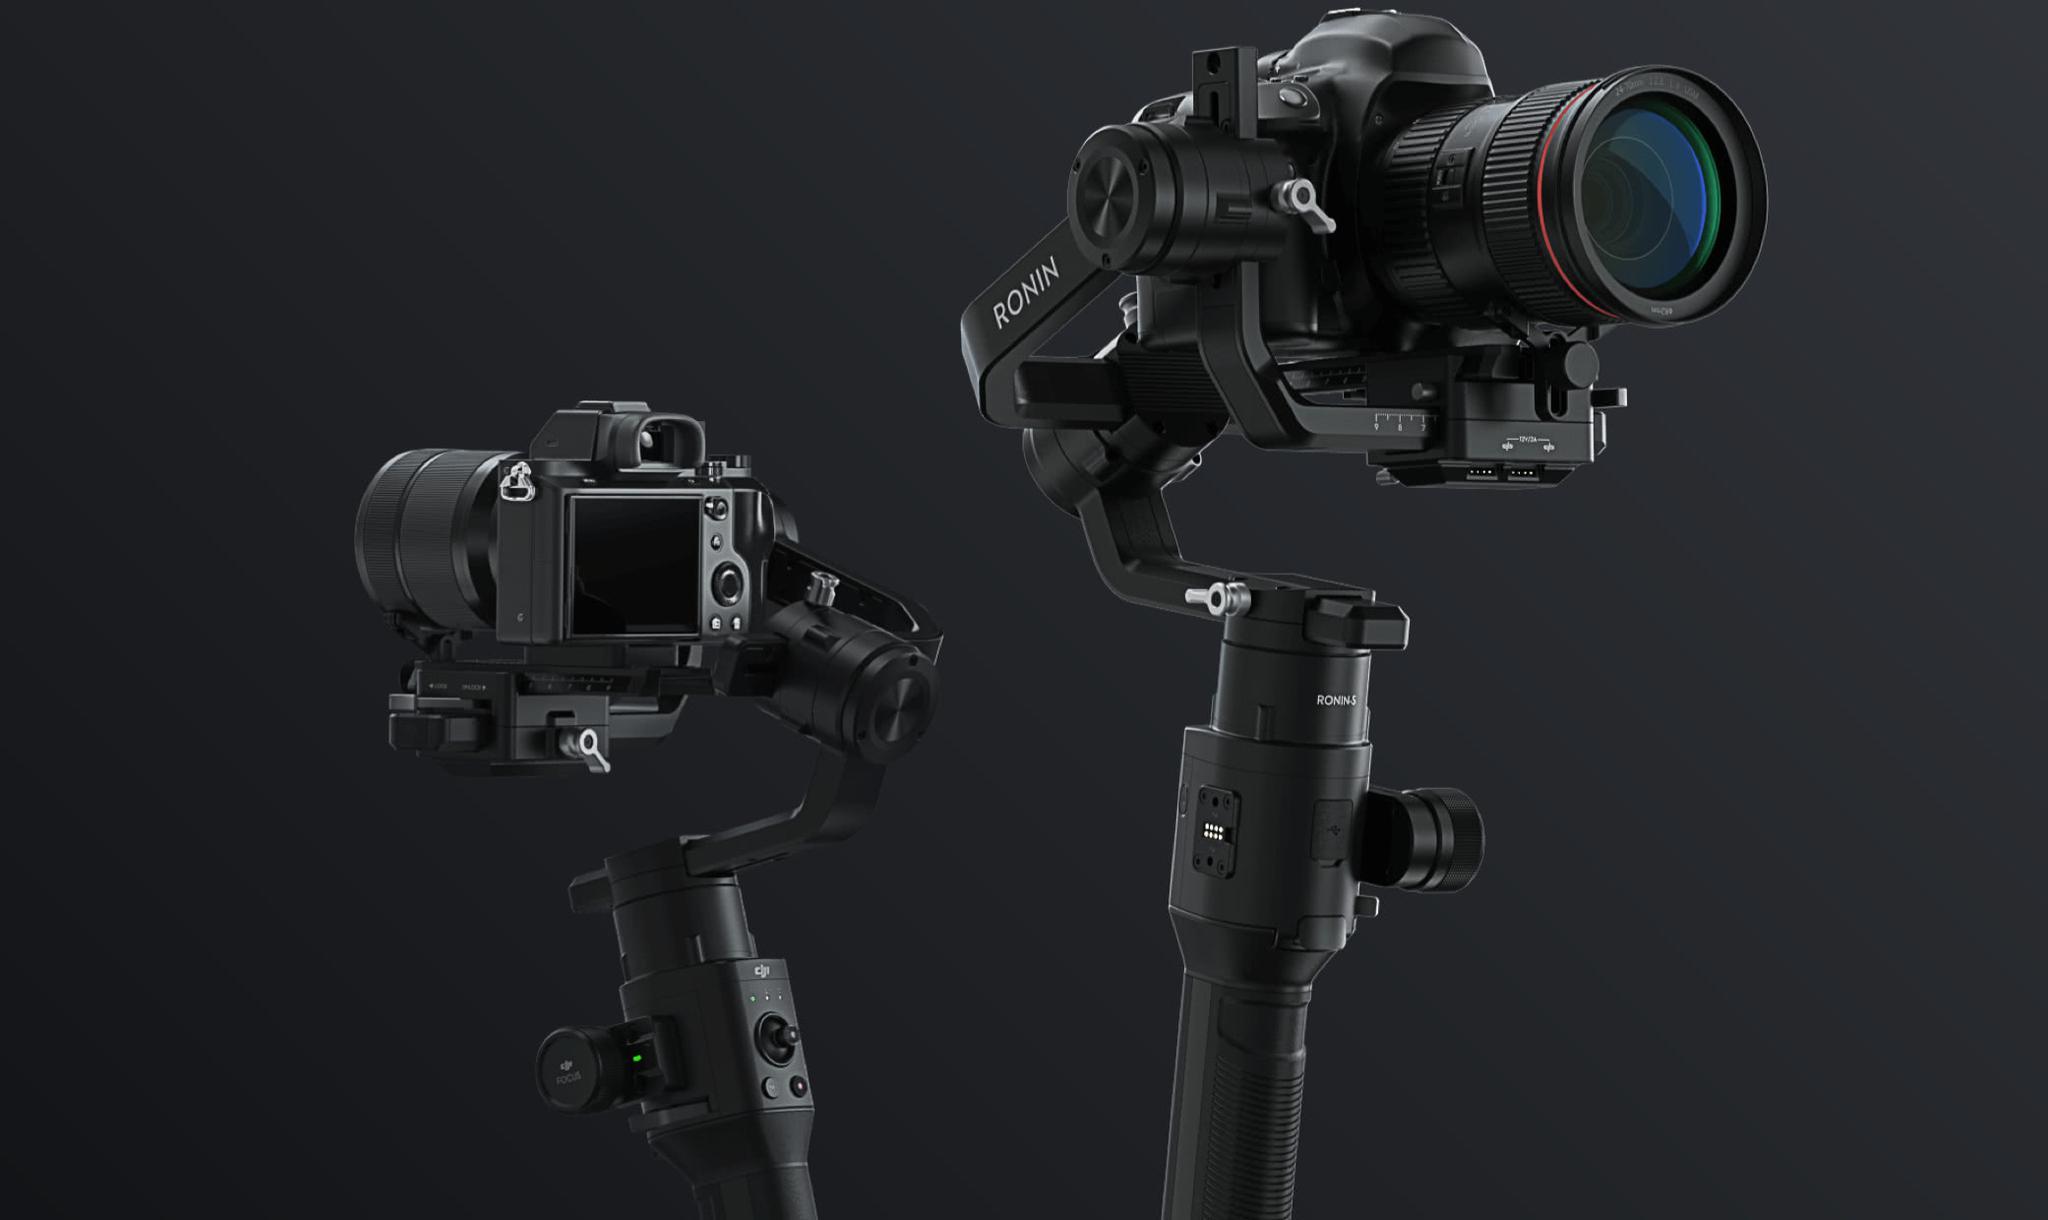 主流相机三轴稳定器推荐:单反微单云台稳定器哪个牌子好